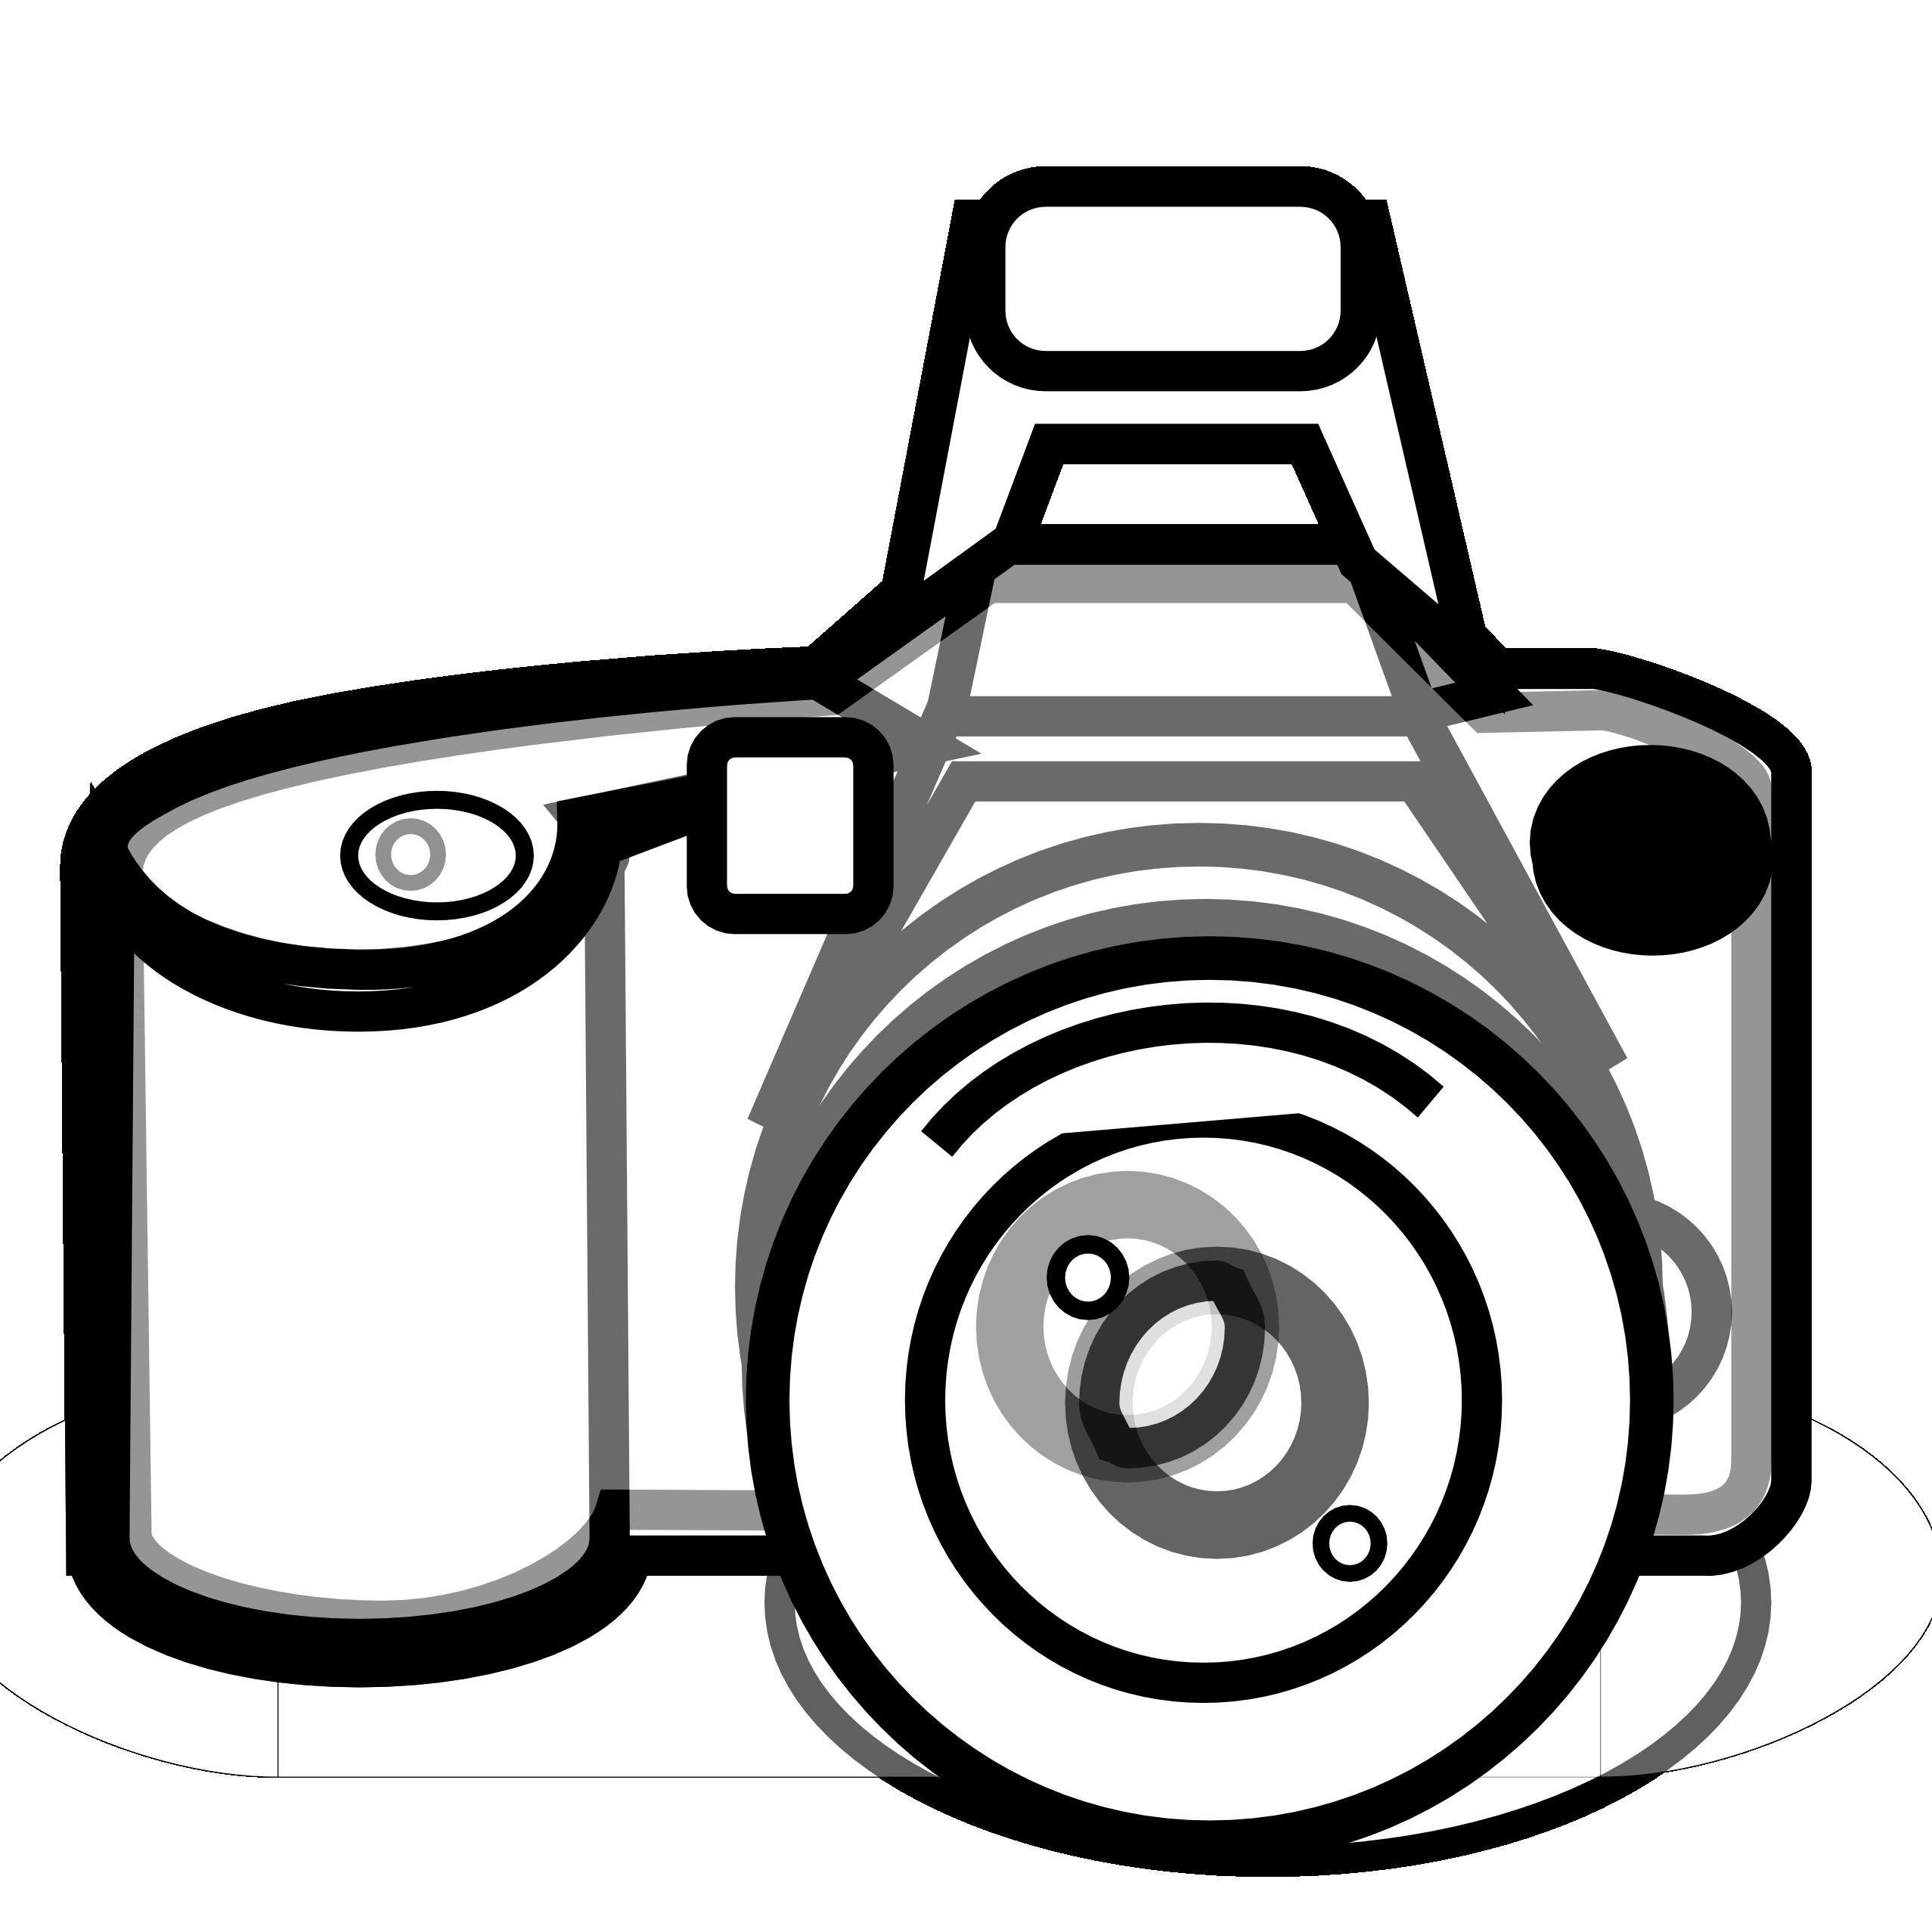 2555x2555 Monochrome Clipart Camera